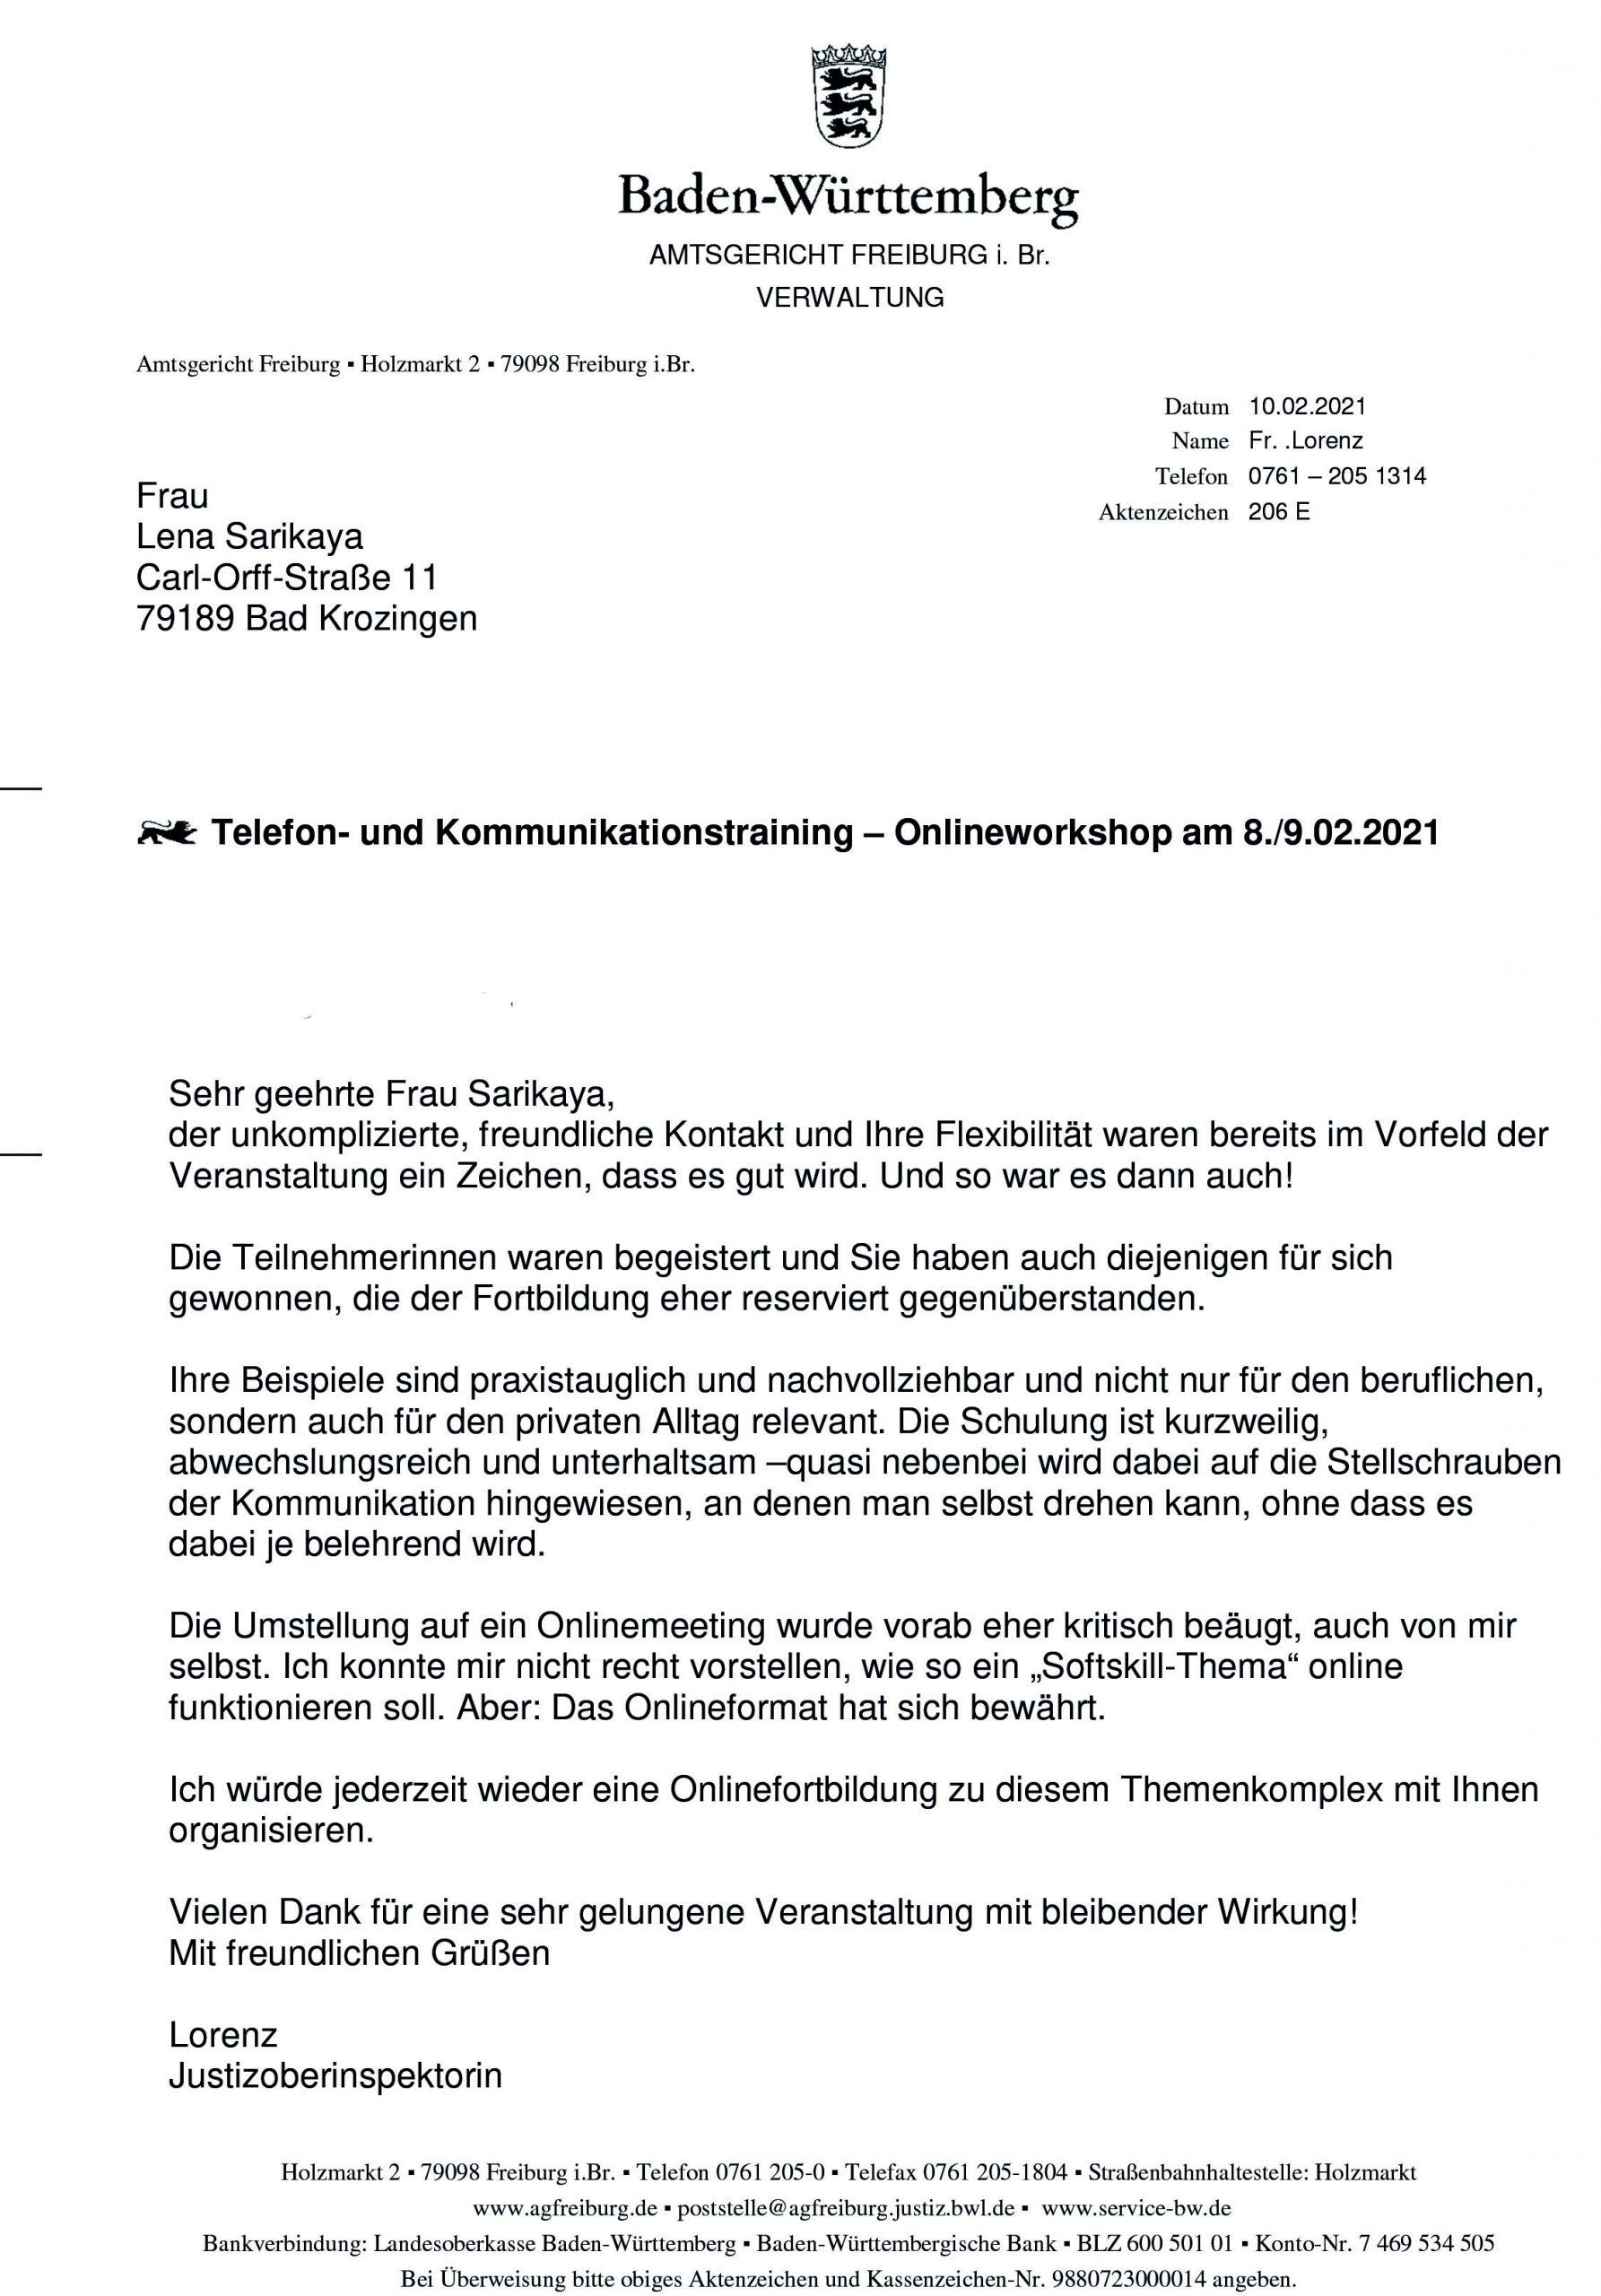 Bild Referenz Amtsgericht Freiburg